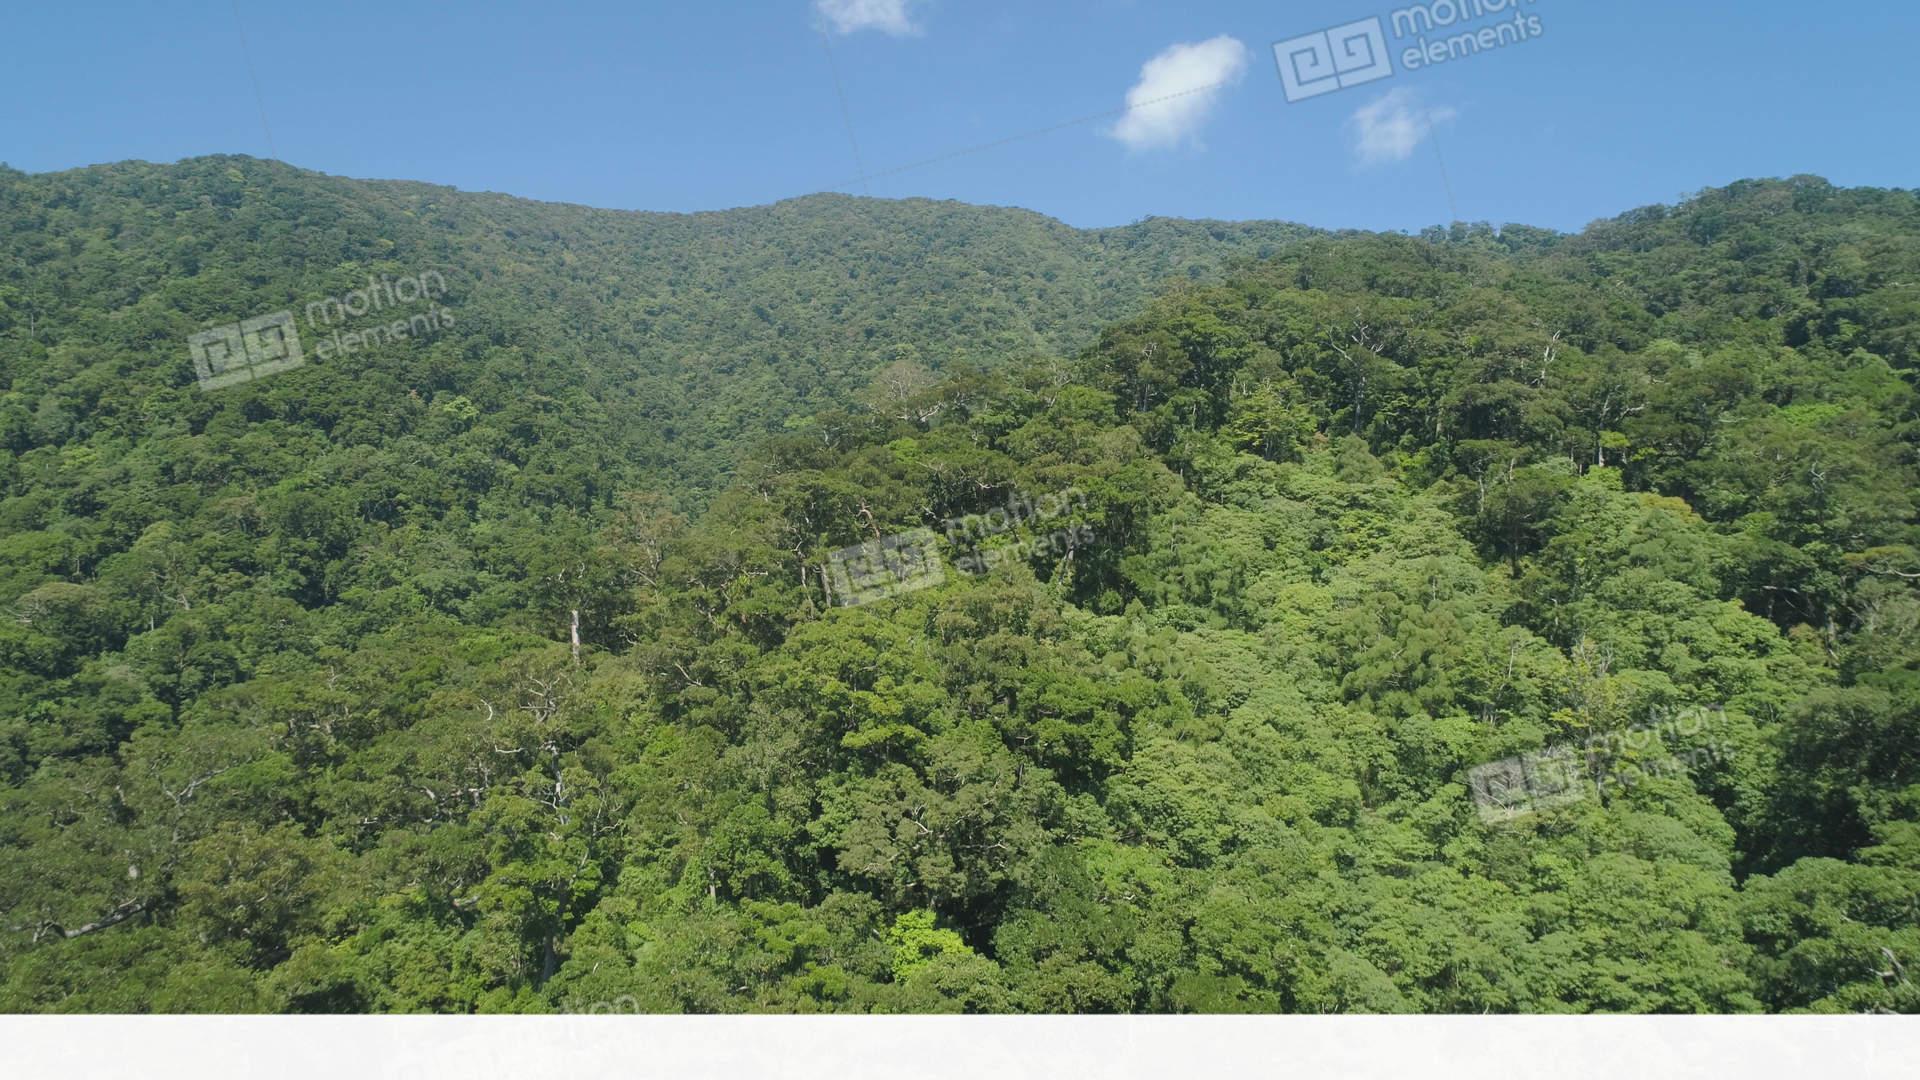 rainforest animal sound effects